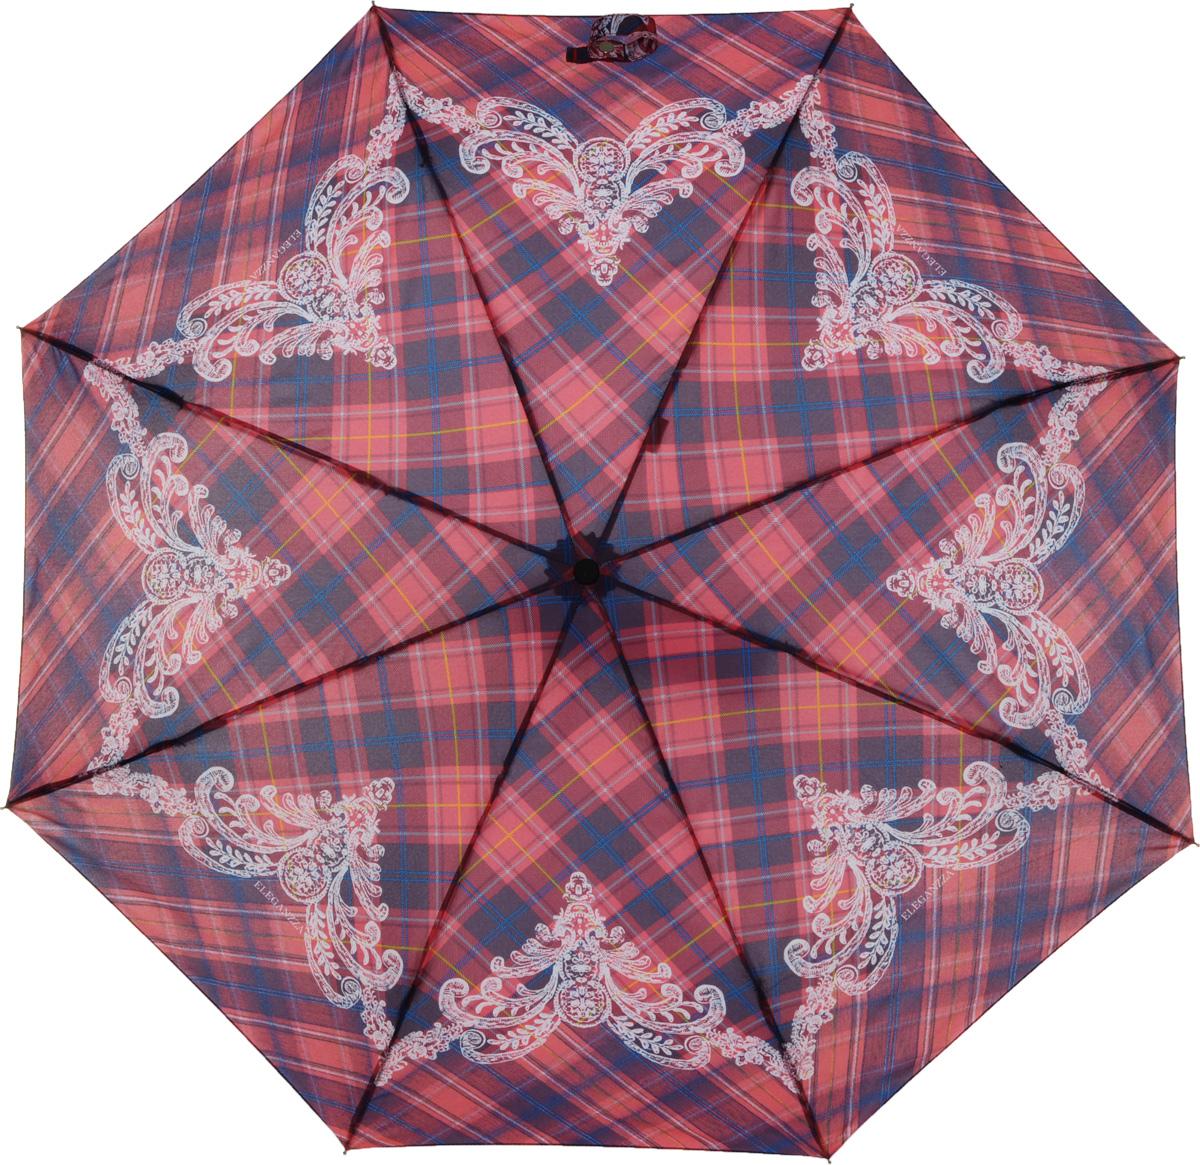 Зонт женский Eleganzza, автомат, 3 сложения, цвет: красный. A3-05-0279LSA3-05-0279LSЖенский зонт-автомат торговой марки ELEGANZZA с каркасом Smart, который позволяет без особых усилий складывать зонт, не позволяя стержню вылетать обратно. Купол: 100% полиэстер, эпонж. Материал каркаса: сталь + алюминий + фибергласс. Материал ручки: пластик. Длина изделия - 30 см. Диаметр купола - 105 см. Система Smart, не позволяет стержню при сложении вылететь обратно, это облегчает сложение зонта! При сложении есть характерный звук-треск, как трещетка. Примечание: зонт не откроется с кнопки если его не закрыть до щелчка!